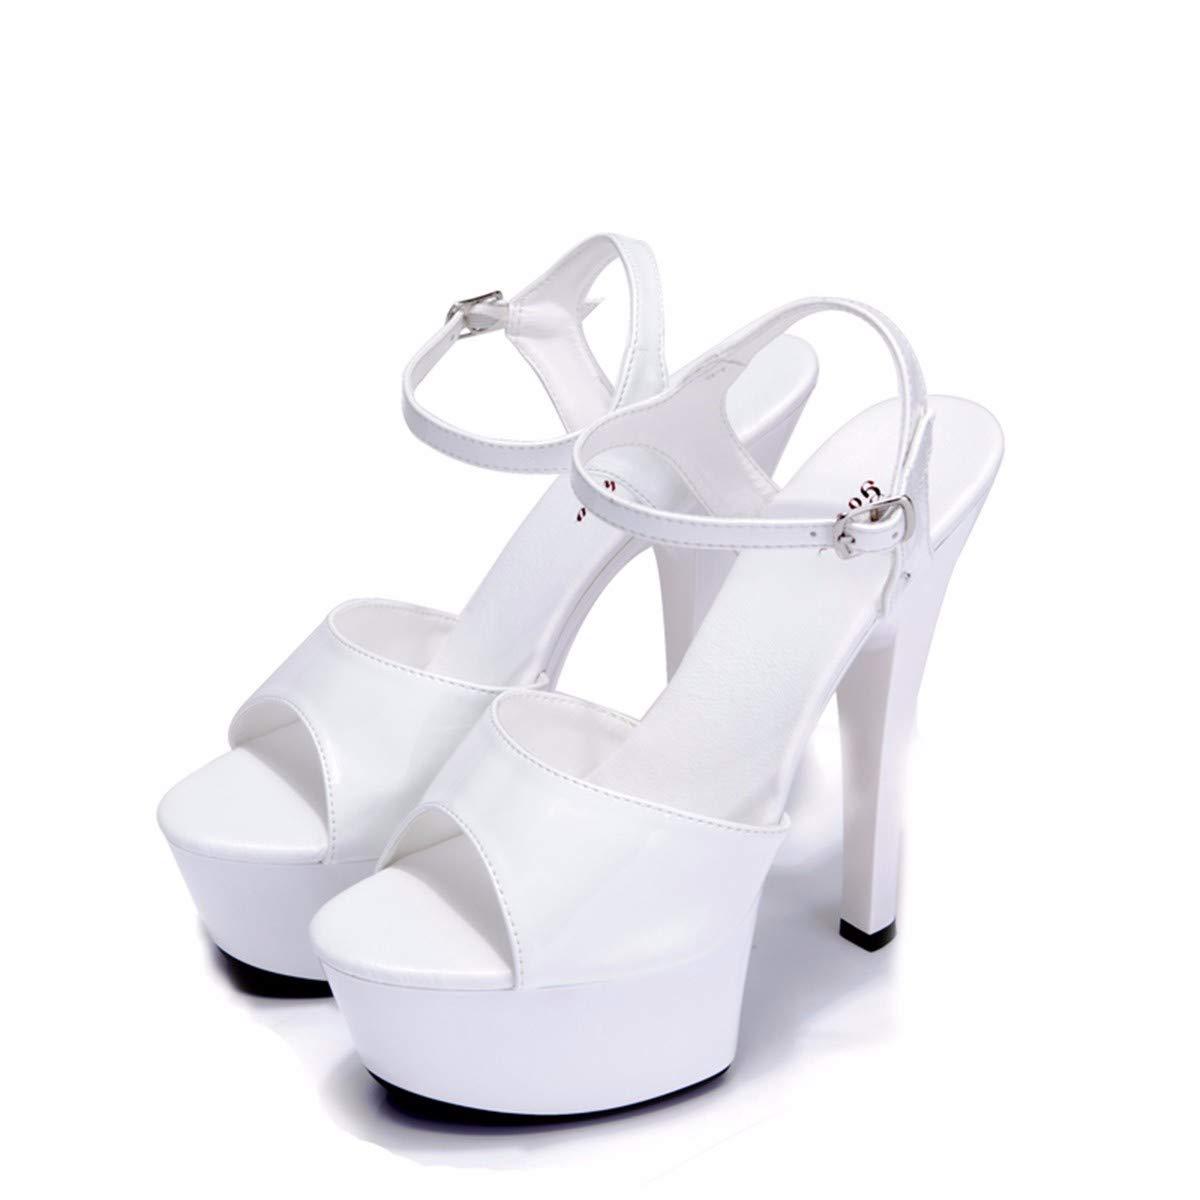 KPHY Damenschuhe High-Heel schuhe 15Cm Wasserdichte Plattform Dicke Boden Sandalen Sandalen Sandalen Mode Schleudern Beweis Model Wanderschuhe.37 des 8b403e